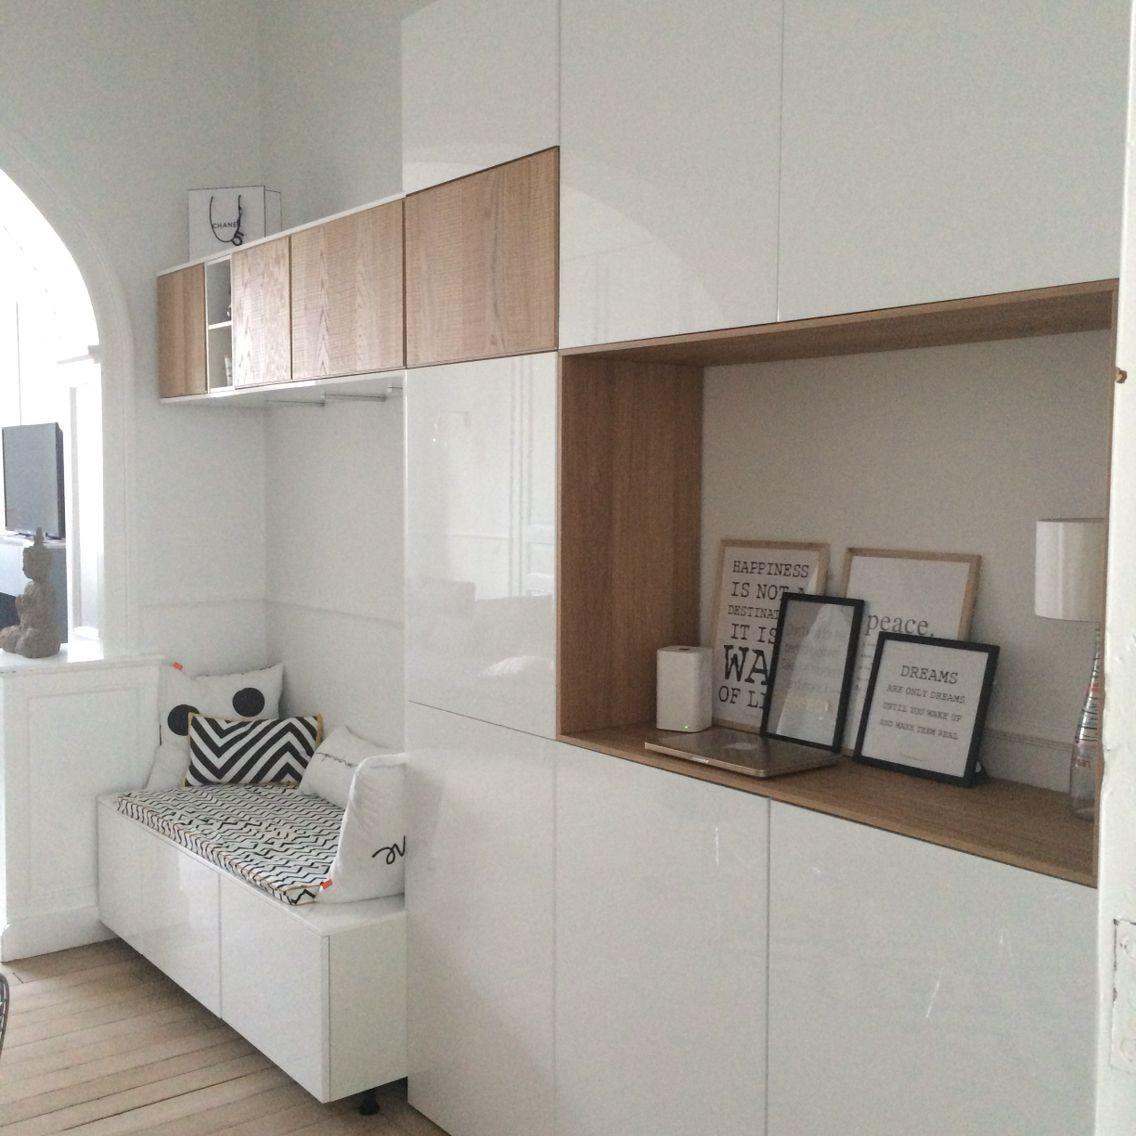 Meubles Ikea Method Id E Rangement Pi Ce Vivre Du Studio Avec Et ...